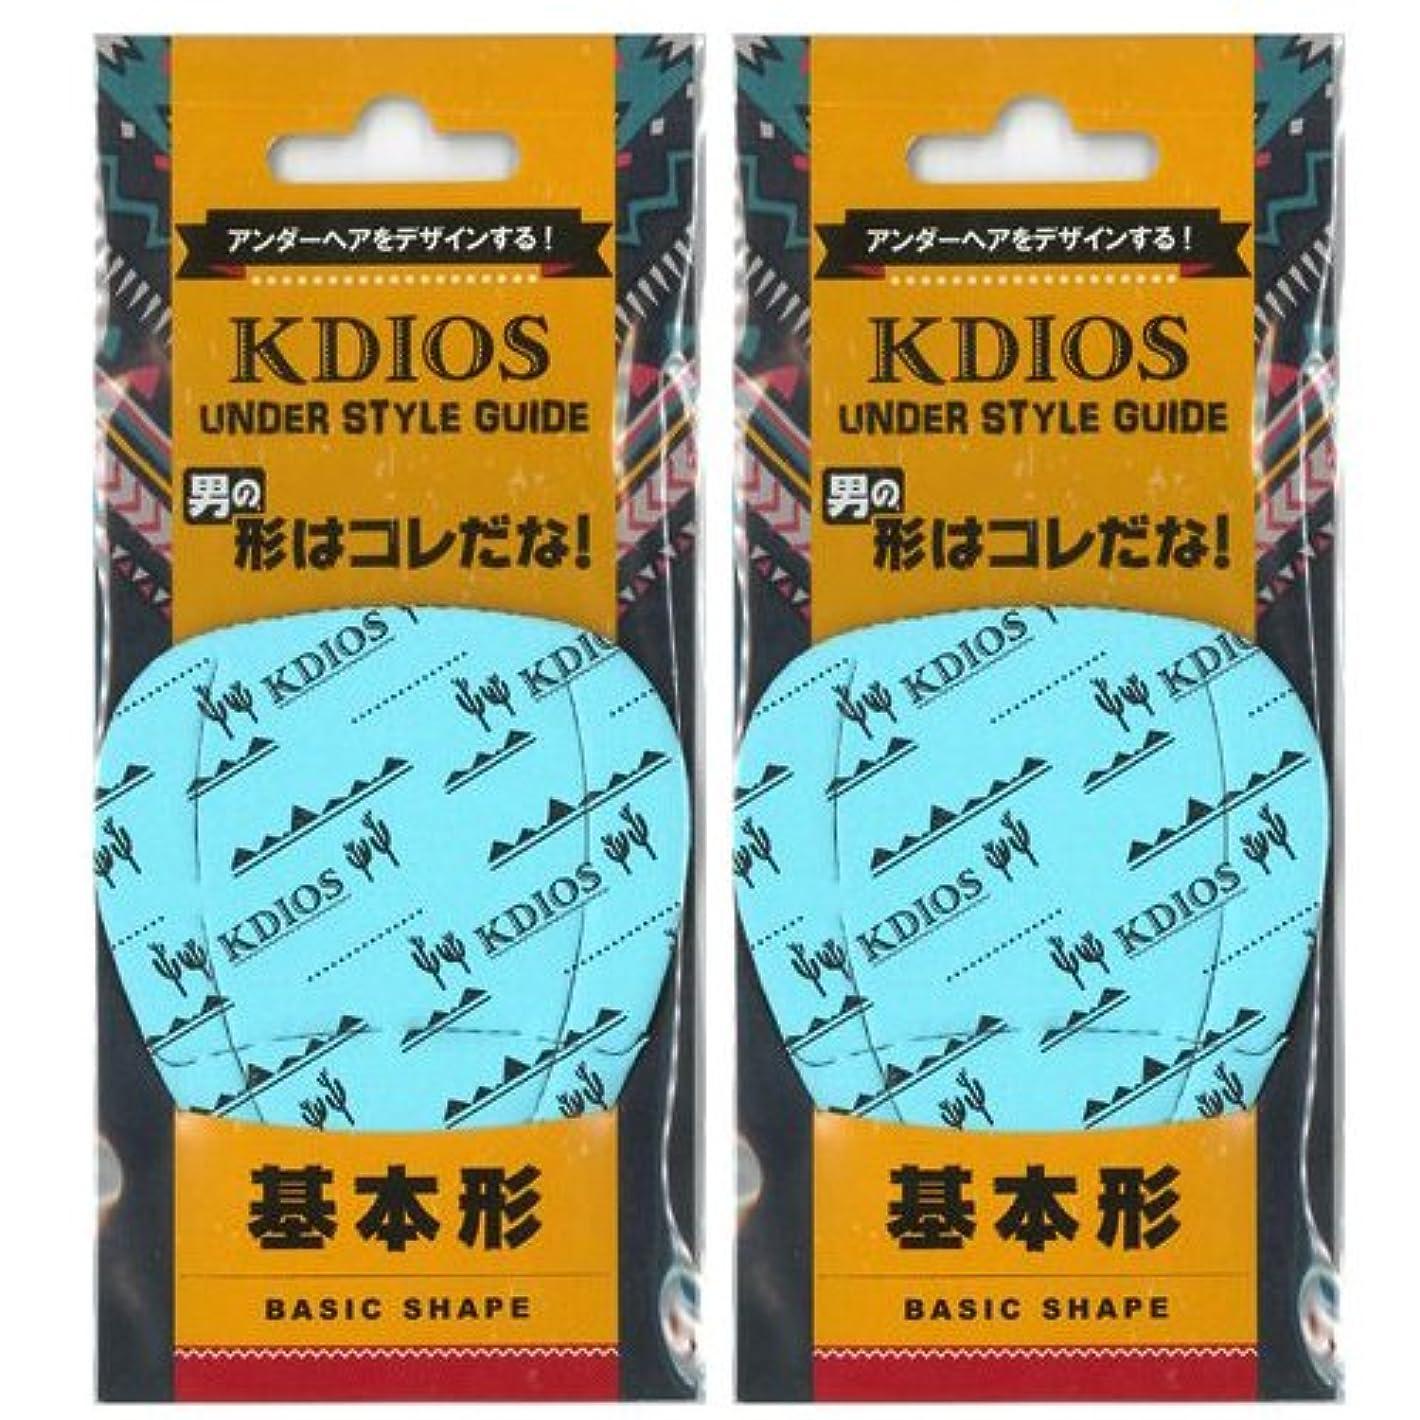 討論プラットフォーム破壊するKDIOS(ケディオス) アンダースタイルガイド 「基本形」 FOR MEN ×2個セット